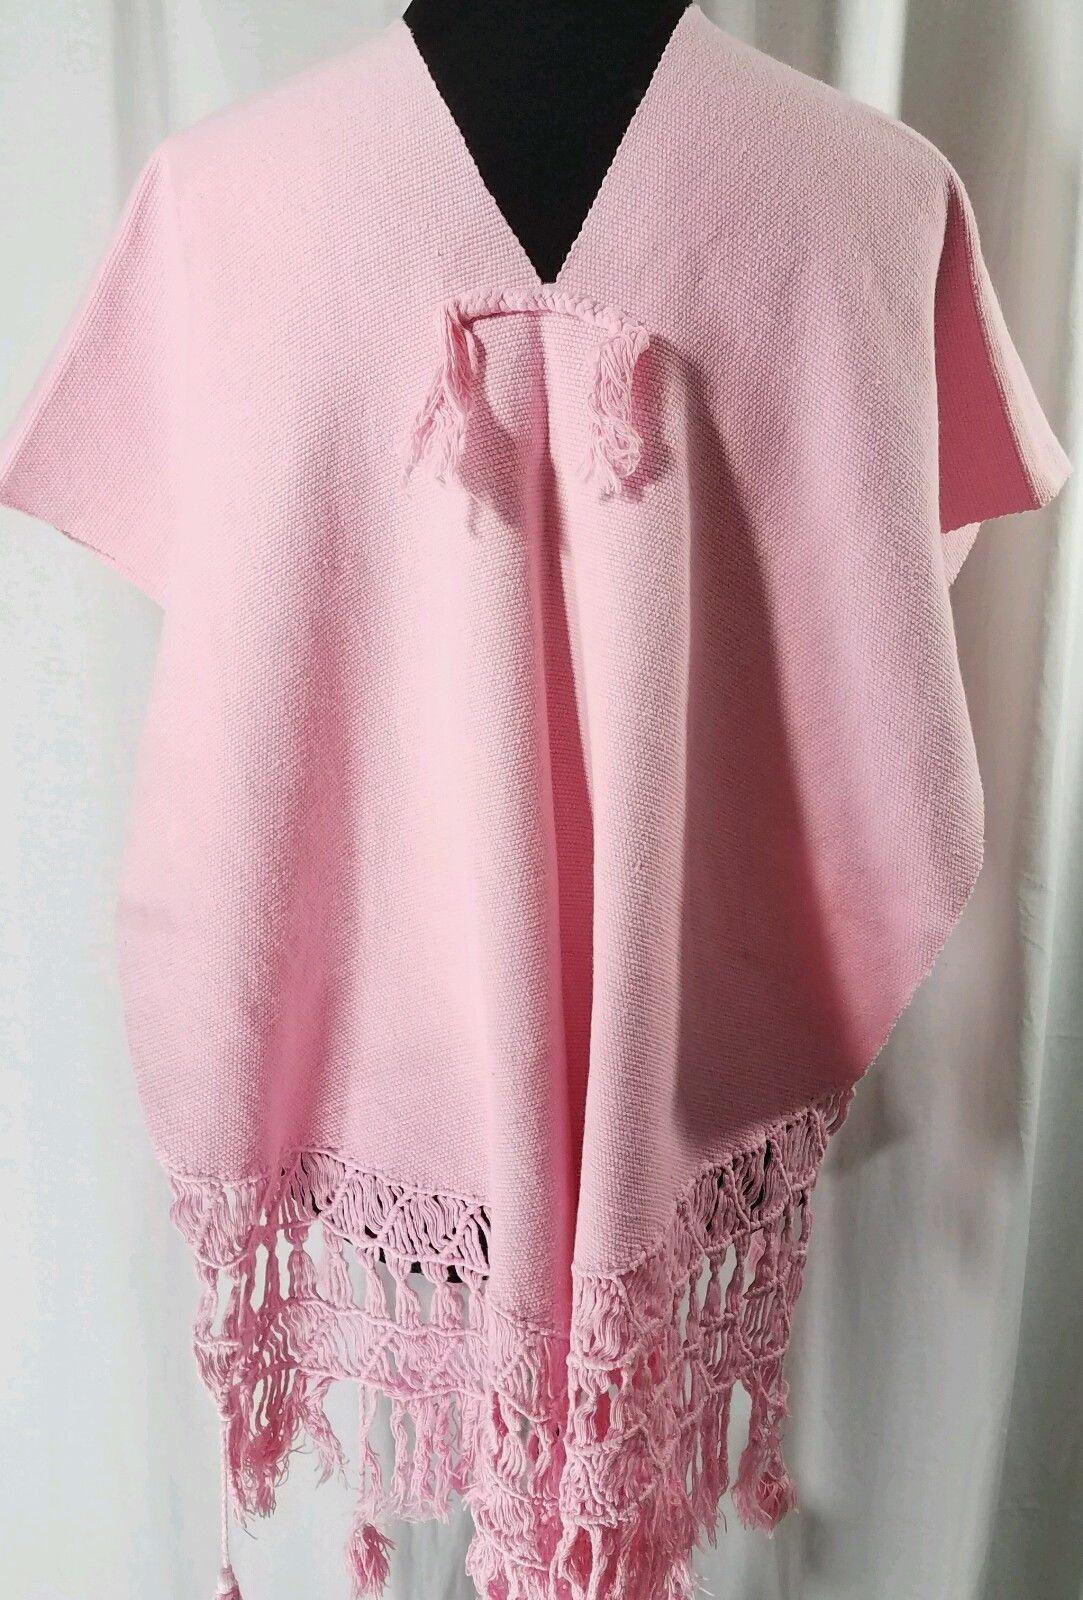 Vtg 1970s Poncho V Neck Crochet Hemline Tassels Pink Cotton One Size